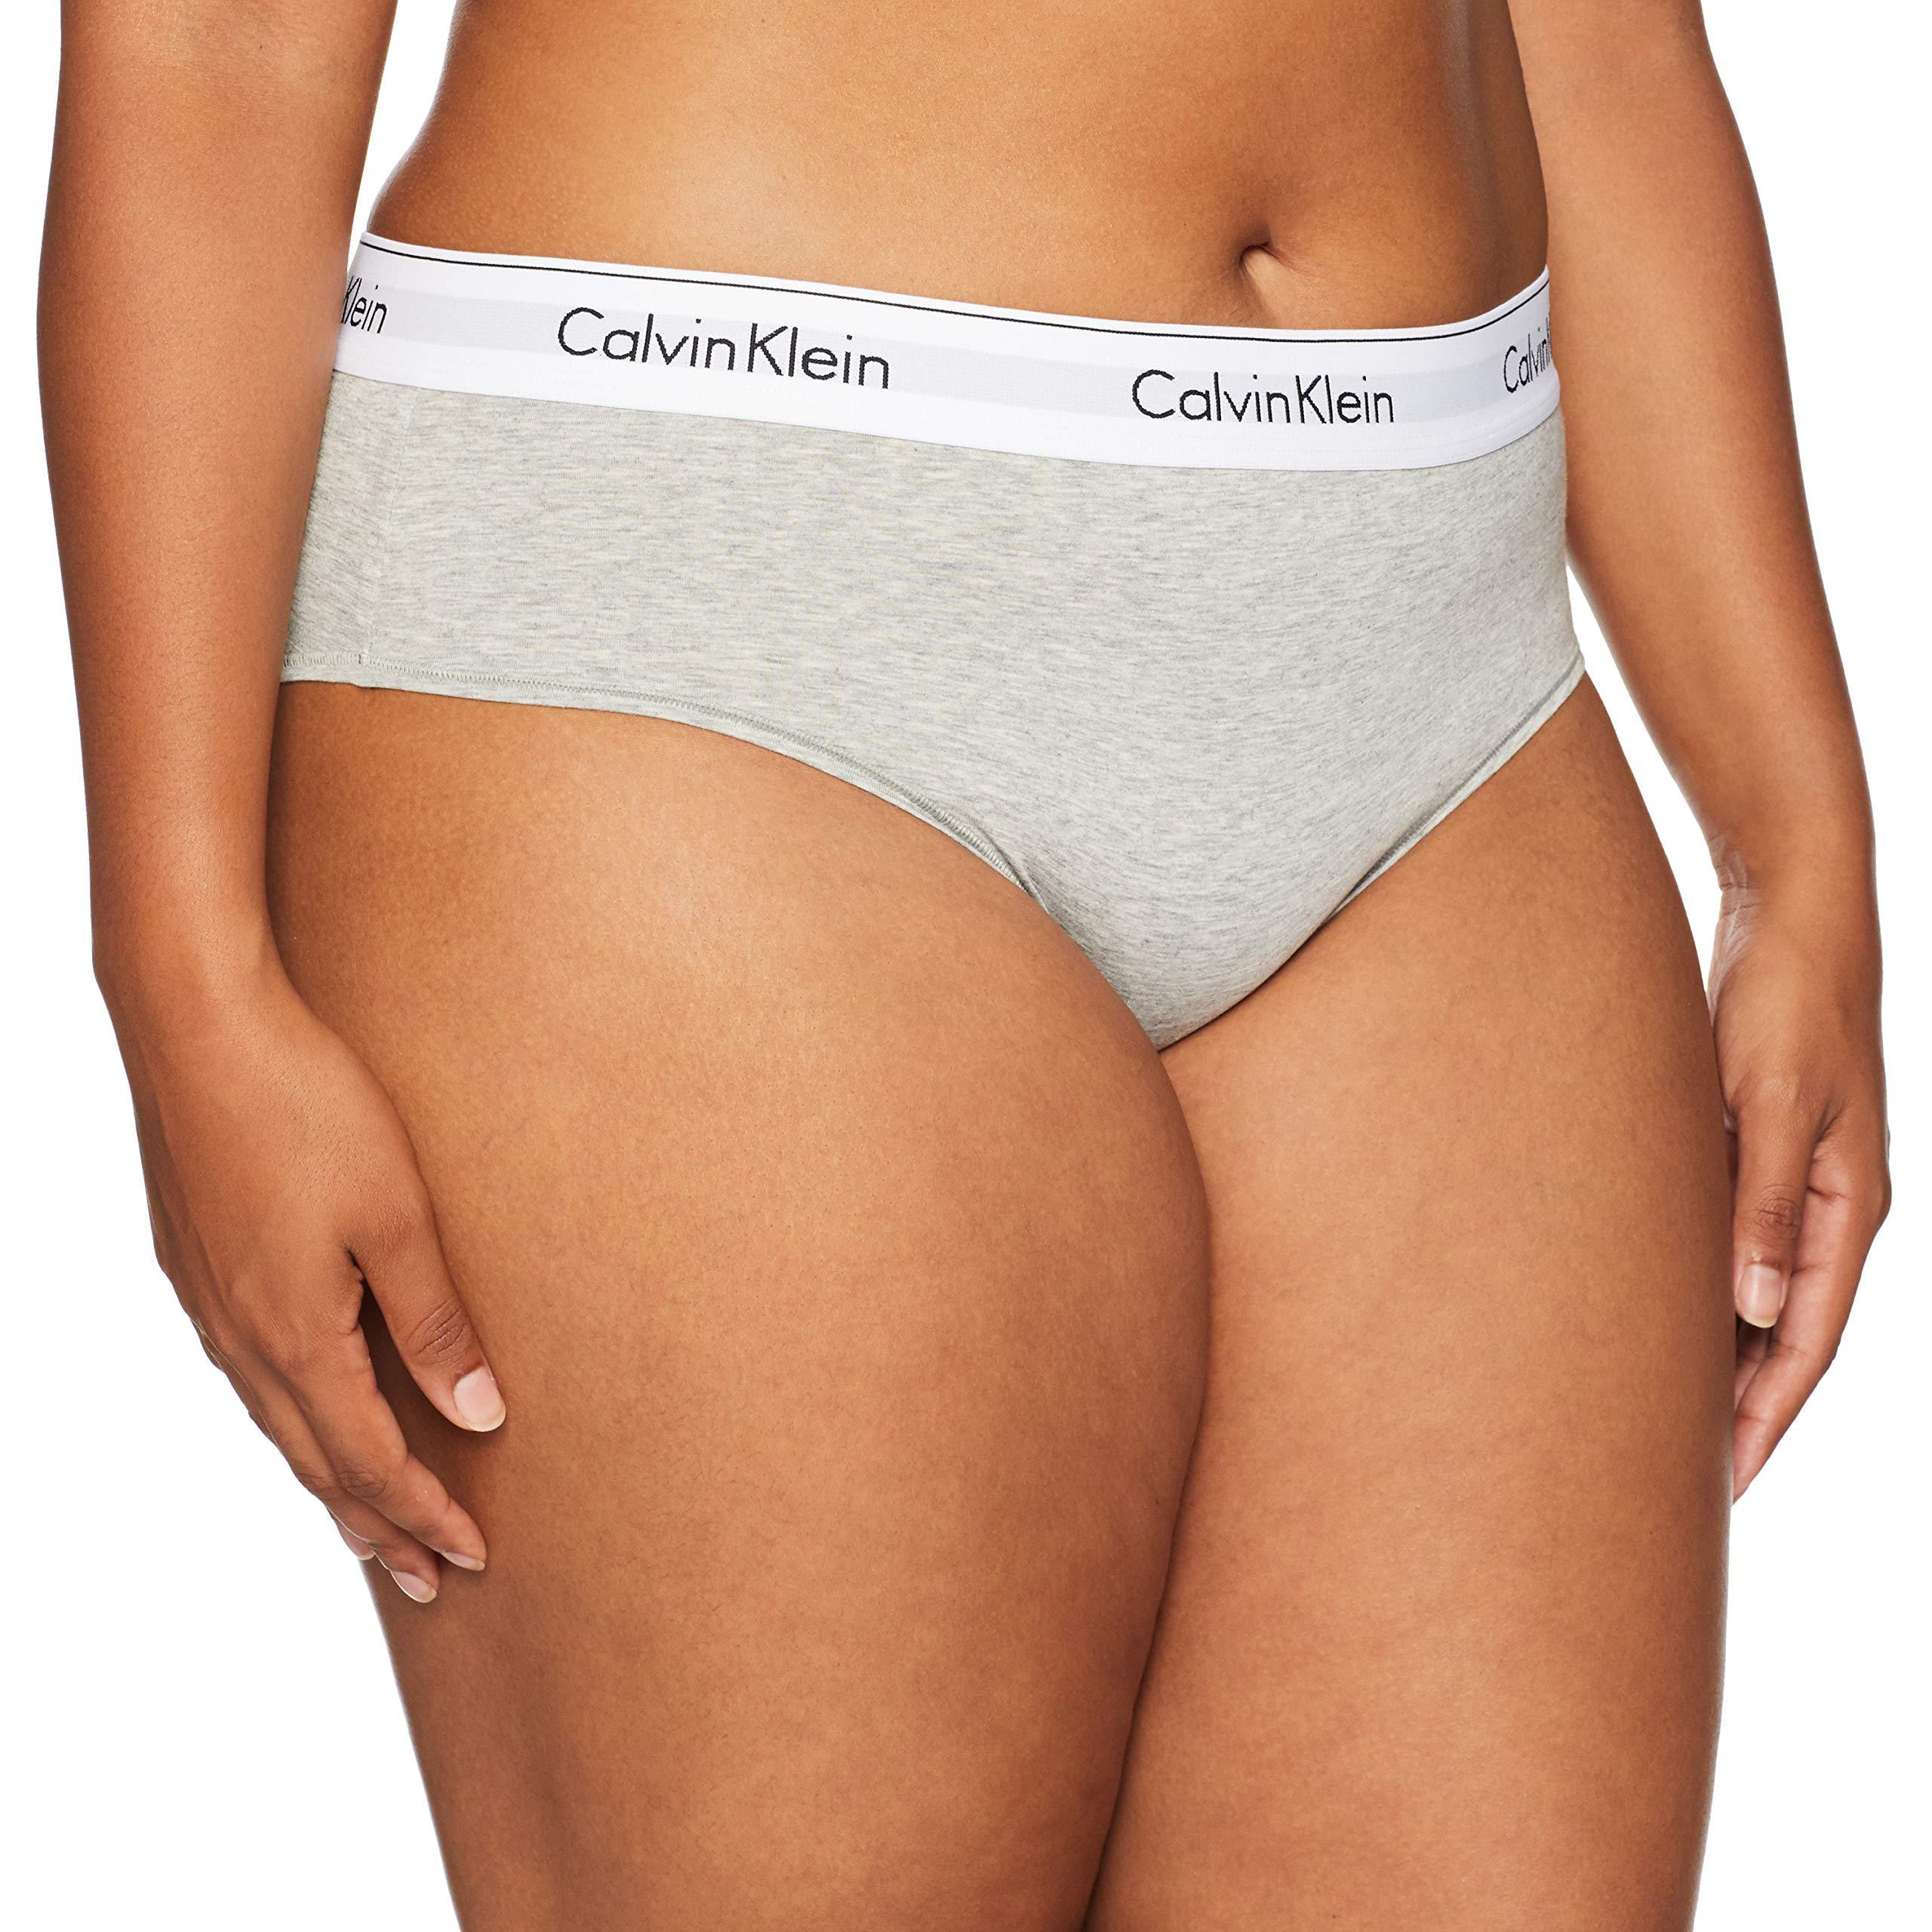 e0398cc73f4 Galleon - Calvin Klein Women s 1X-3X Modern Cotton Bikini Panty ...